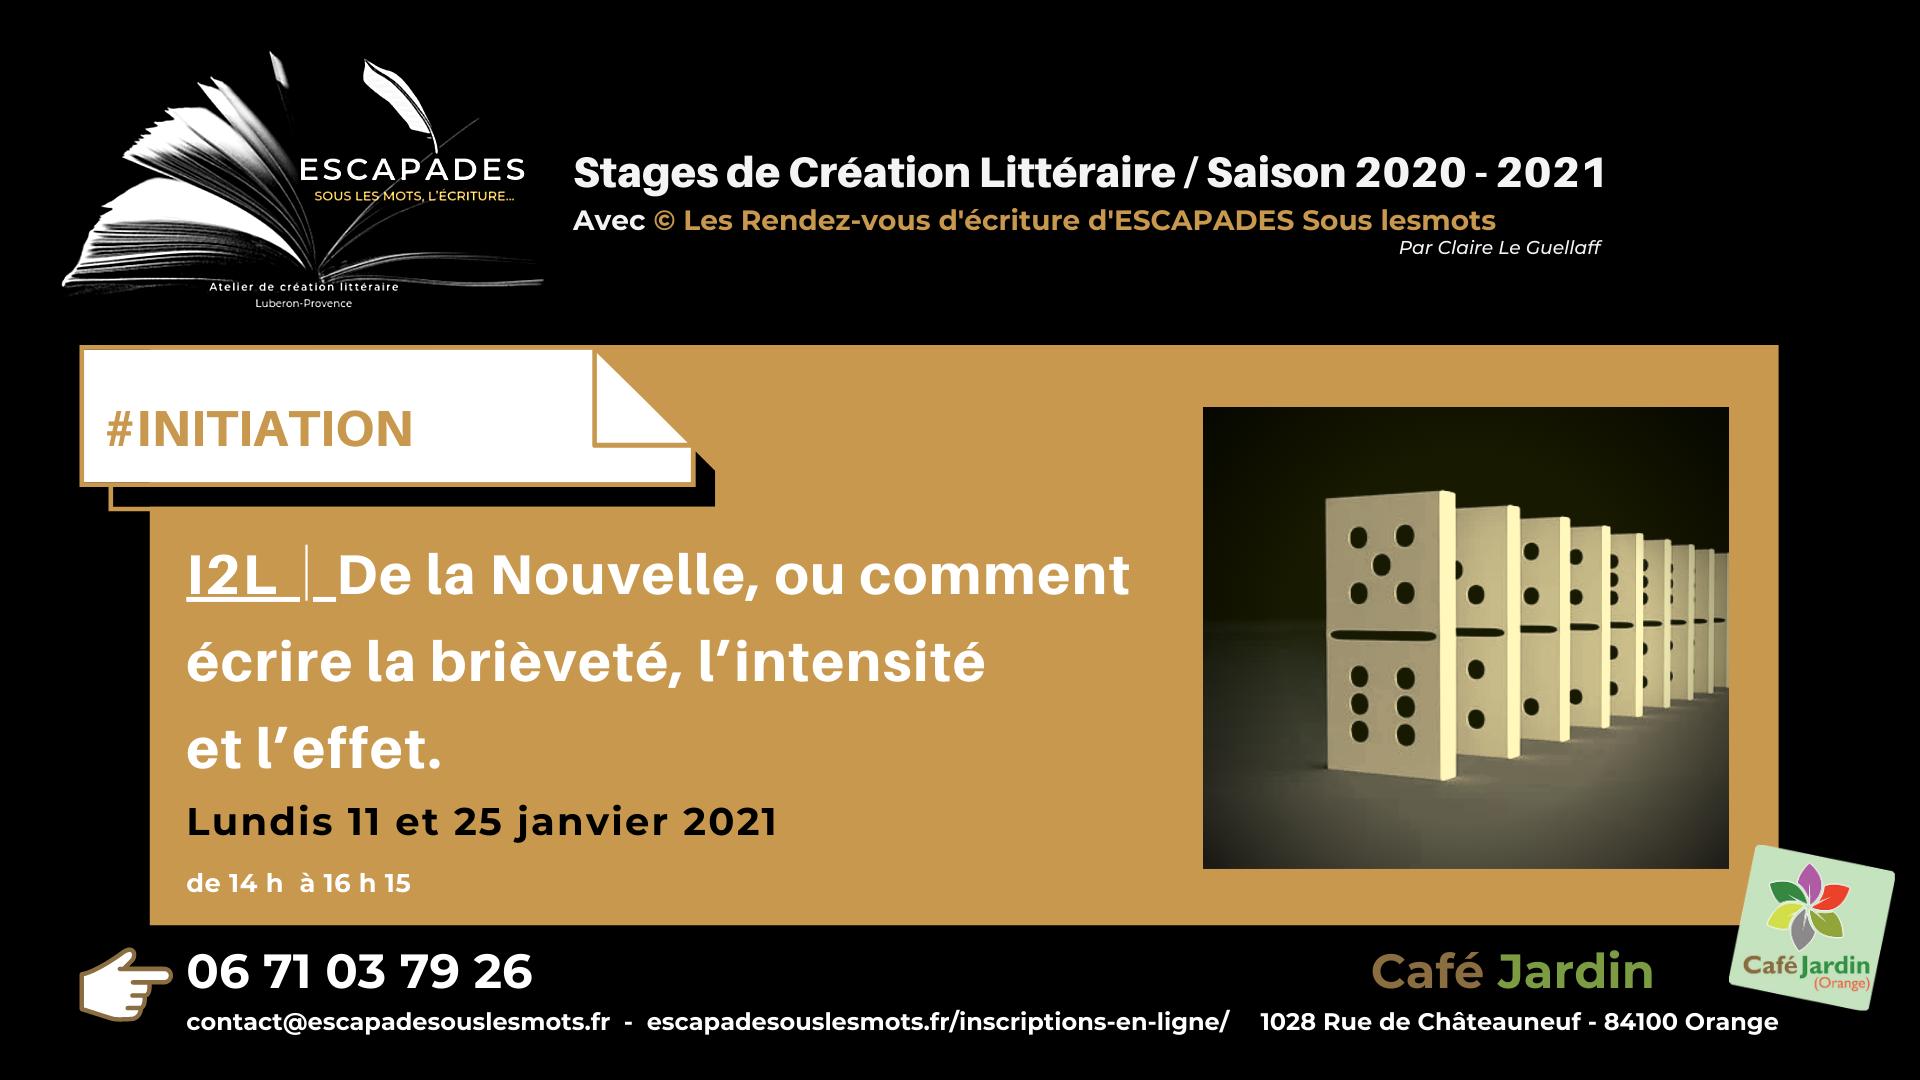 """#INITIATION : """"De la Nouvelle, ou comment écrire la brièveté, l'intensité et l'effet."""" 11 et 25 janvier 2021"""